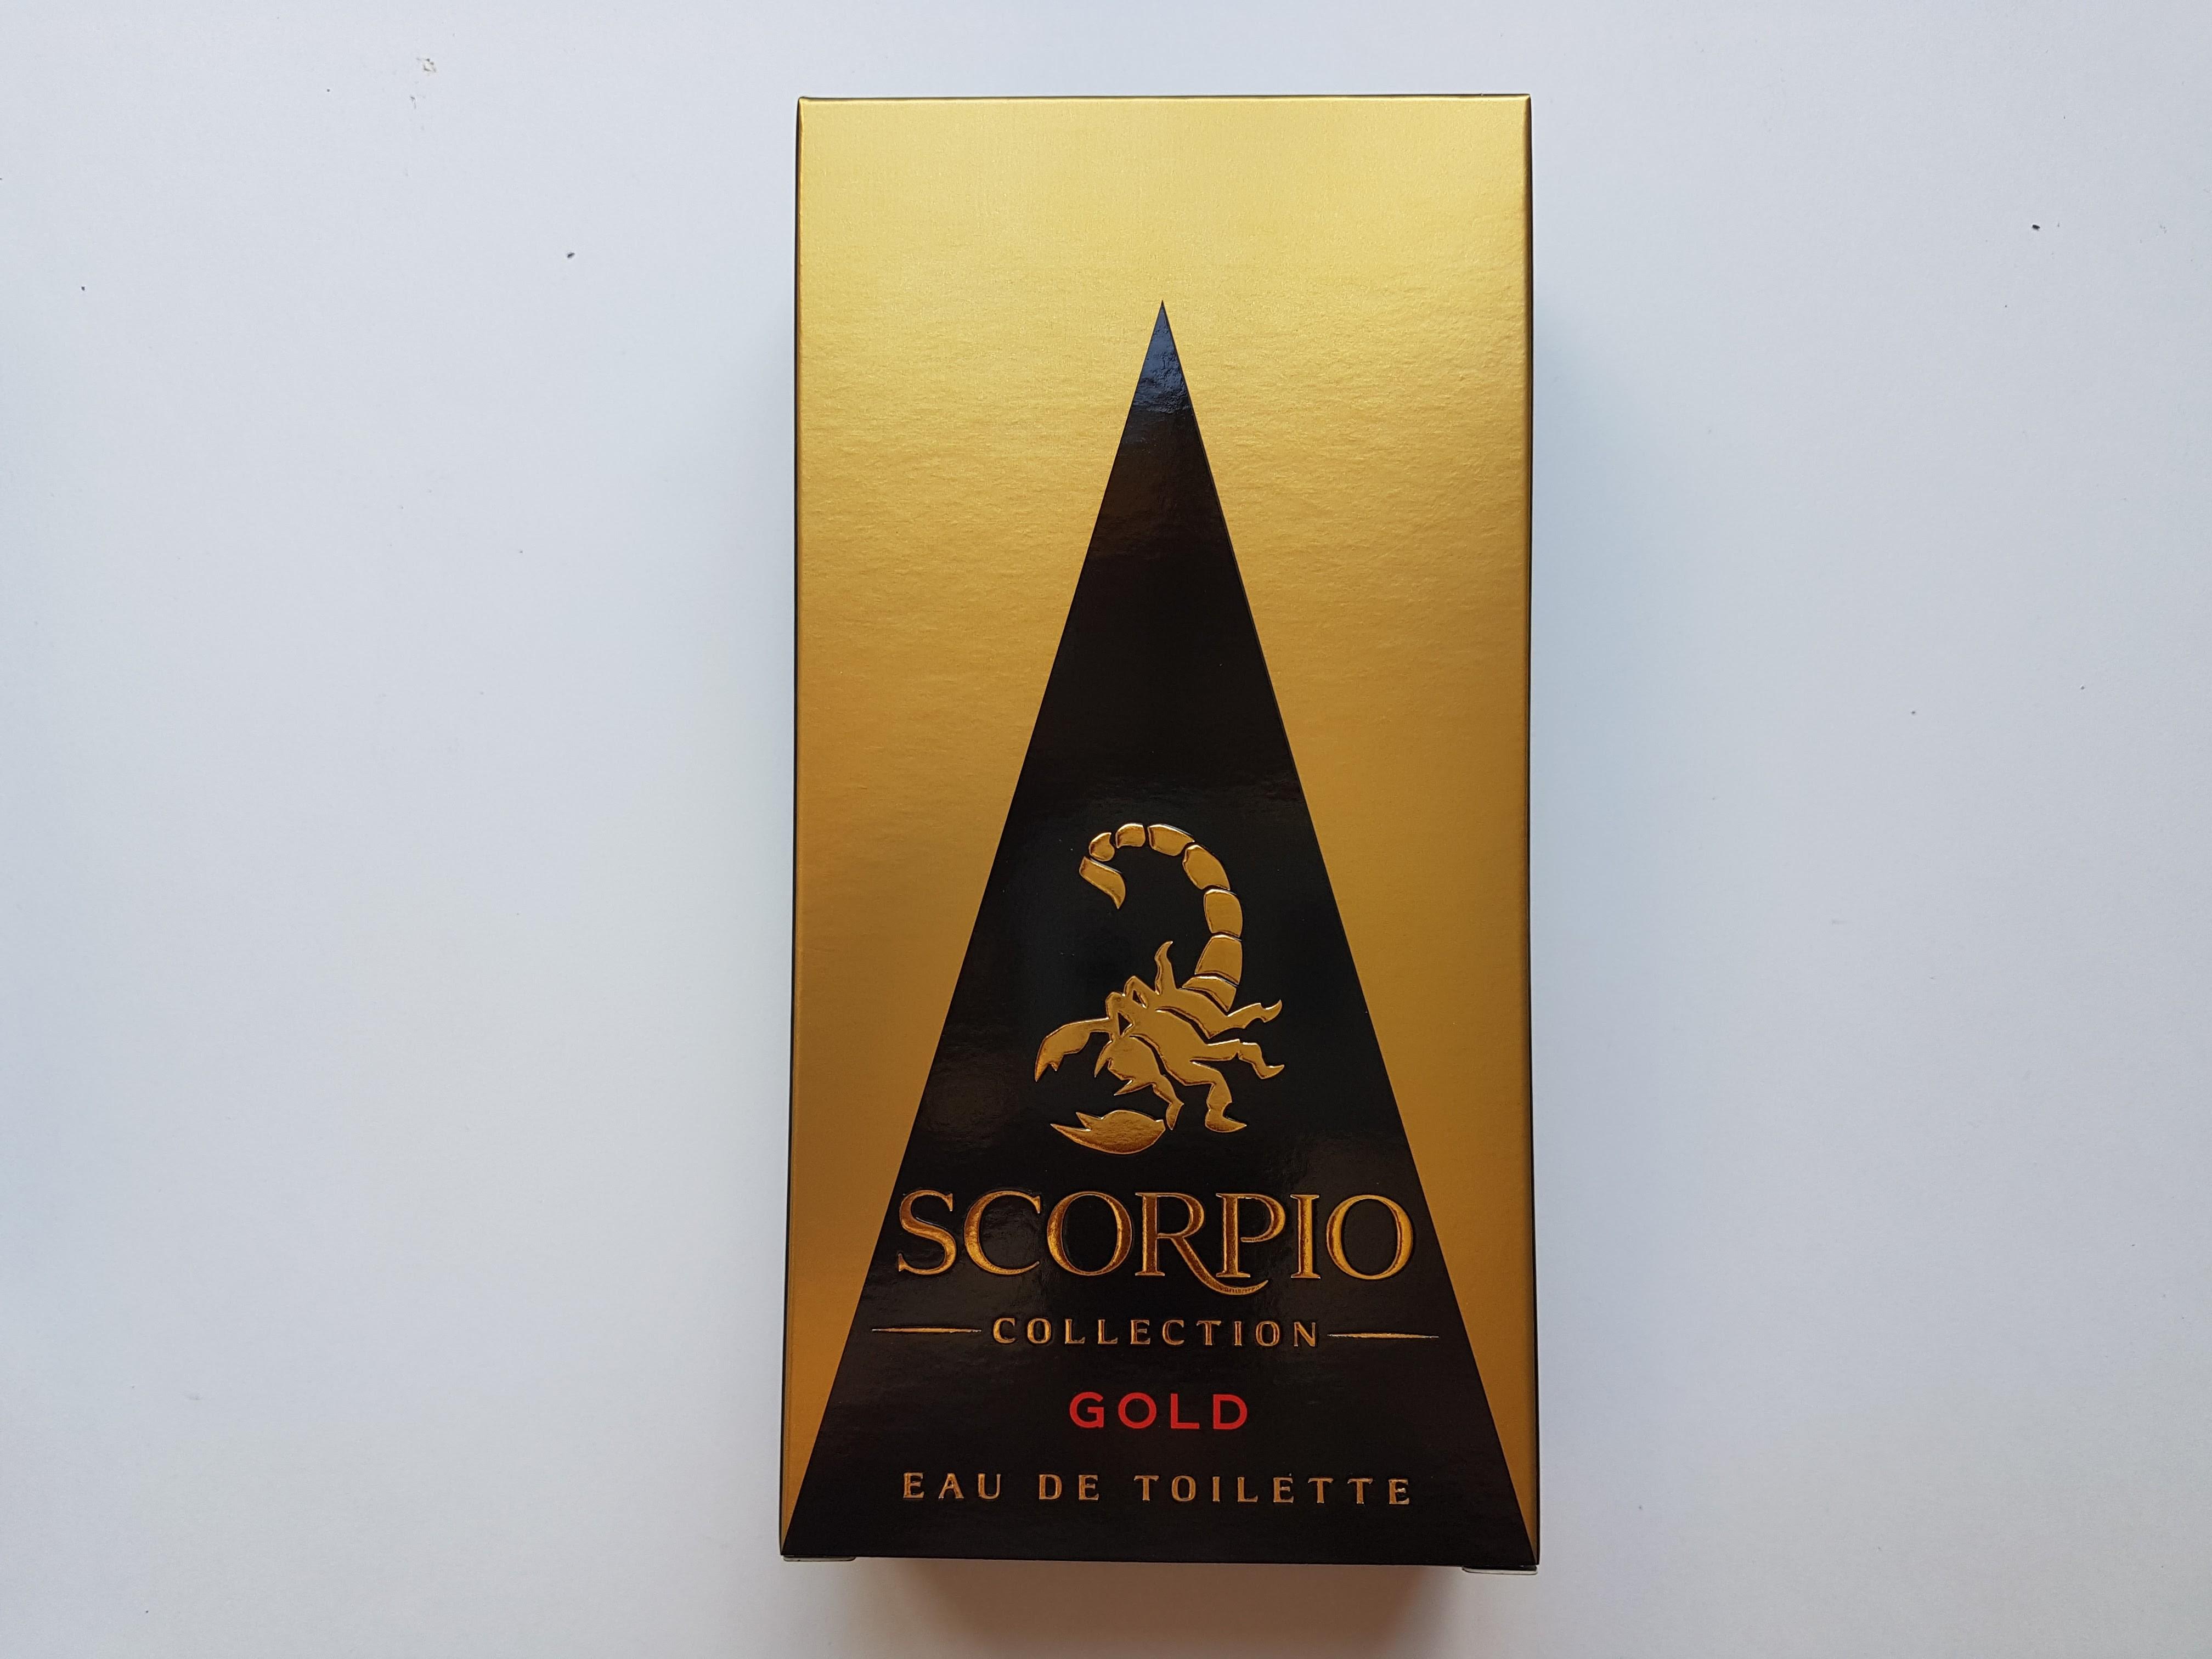 Scorpio-Collection-Gold - Scorpio-Collection-Gold-2.jpg